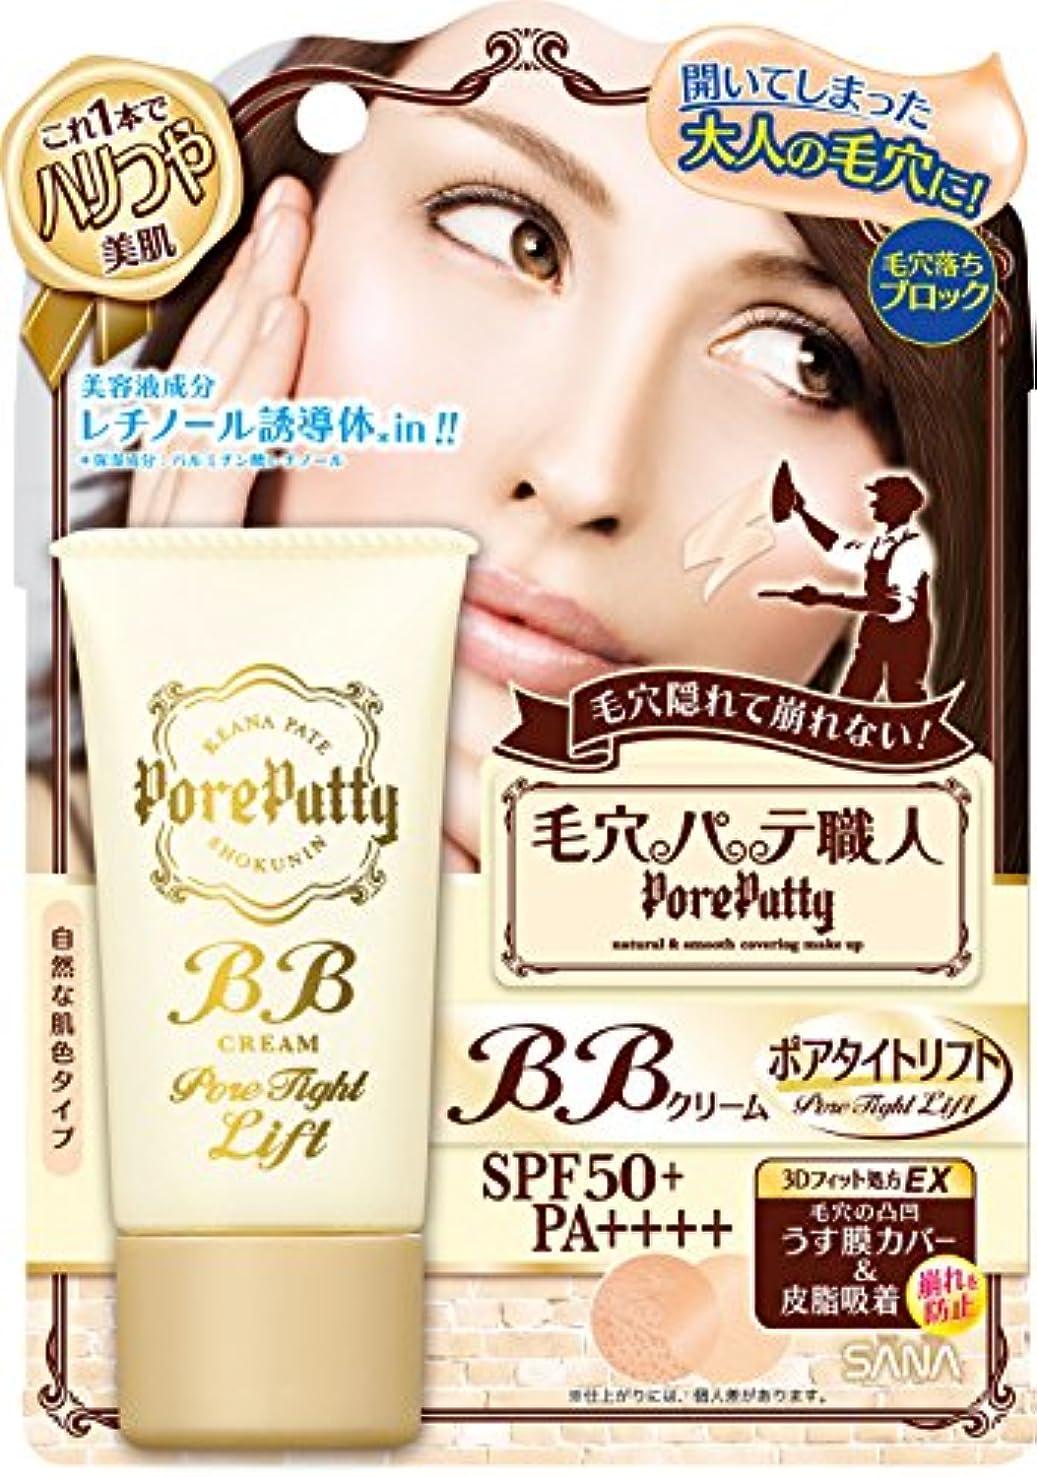 適合家族実質的毛穴パテ職人 BBクリーム ポアタイトリフト 自然な肌色 30g